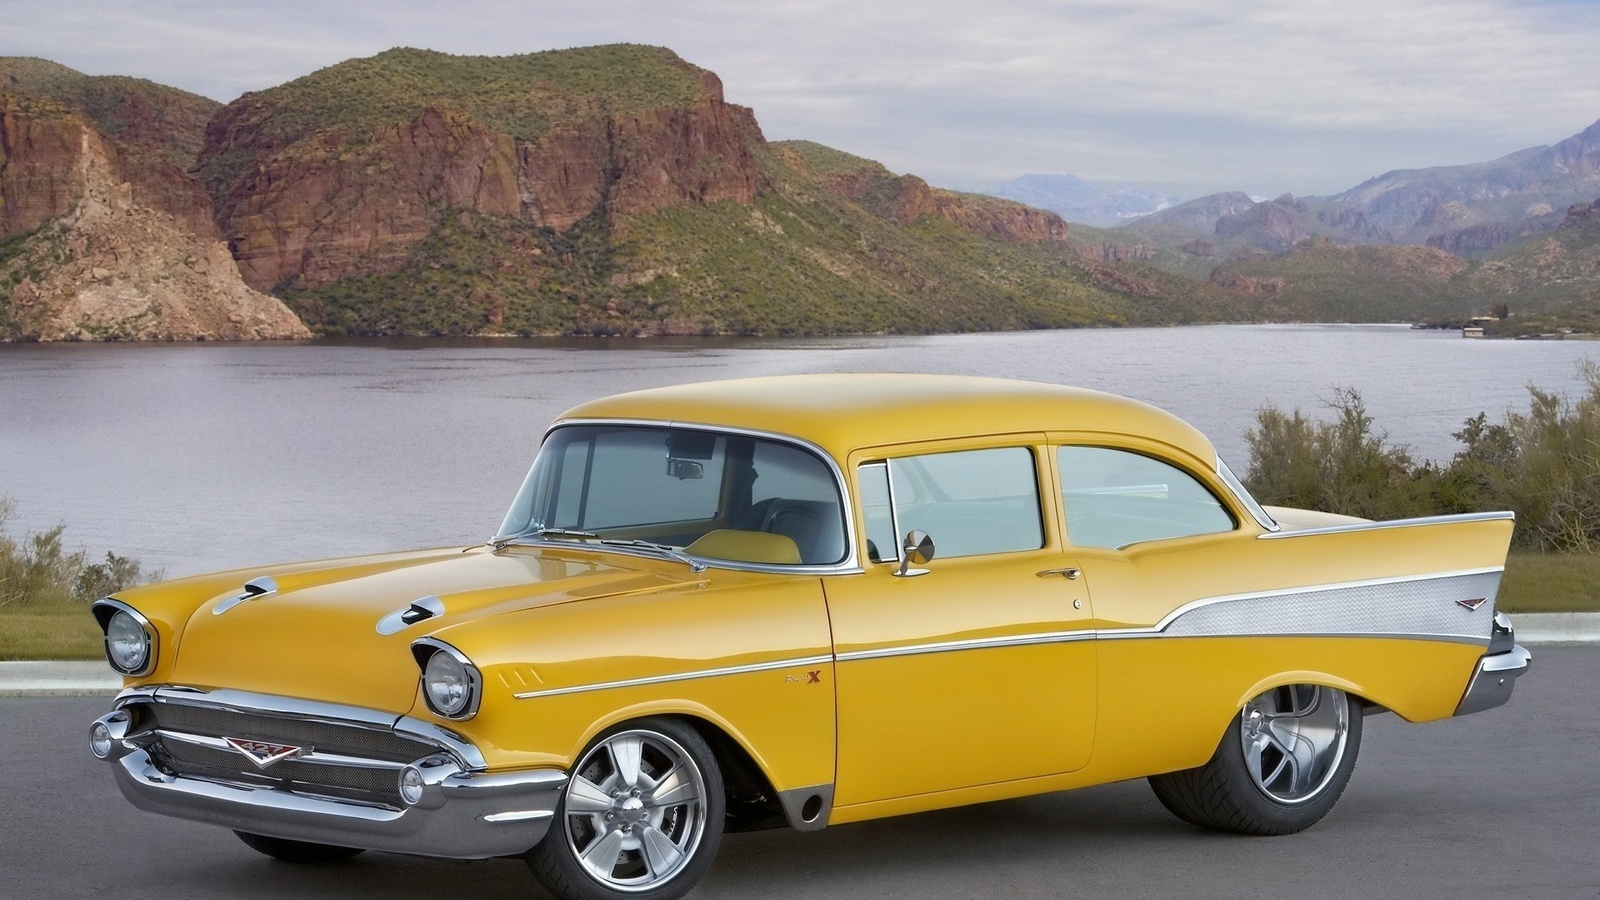 american, classic, car, chevrolet, bel air